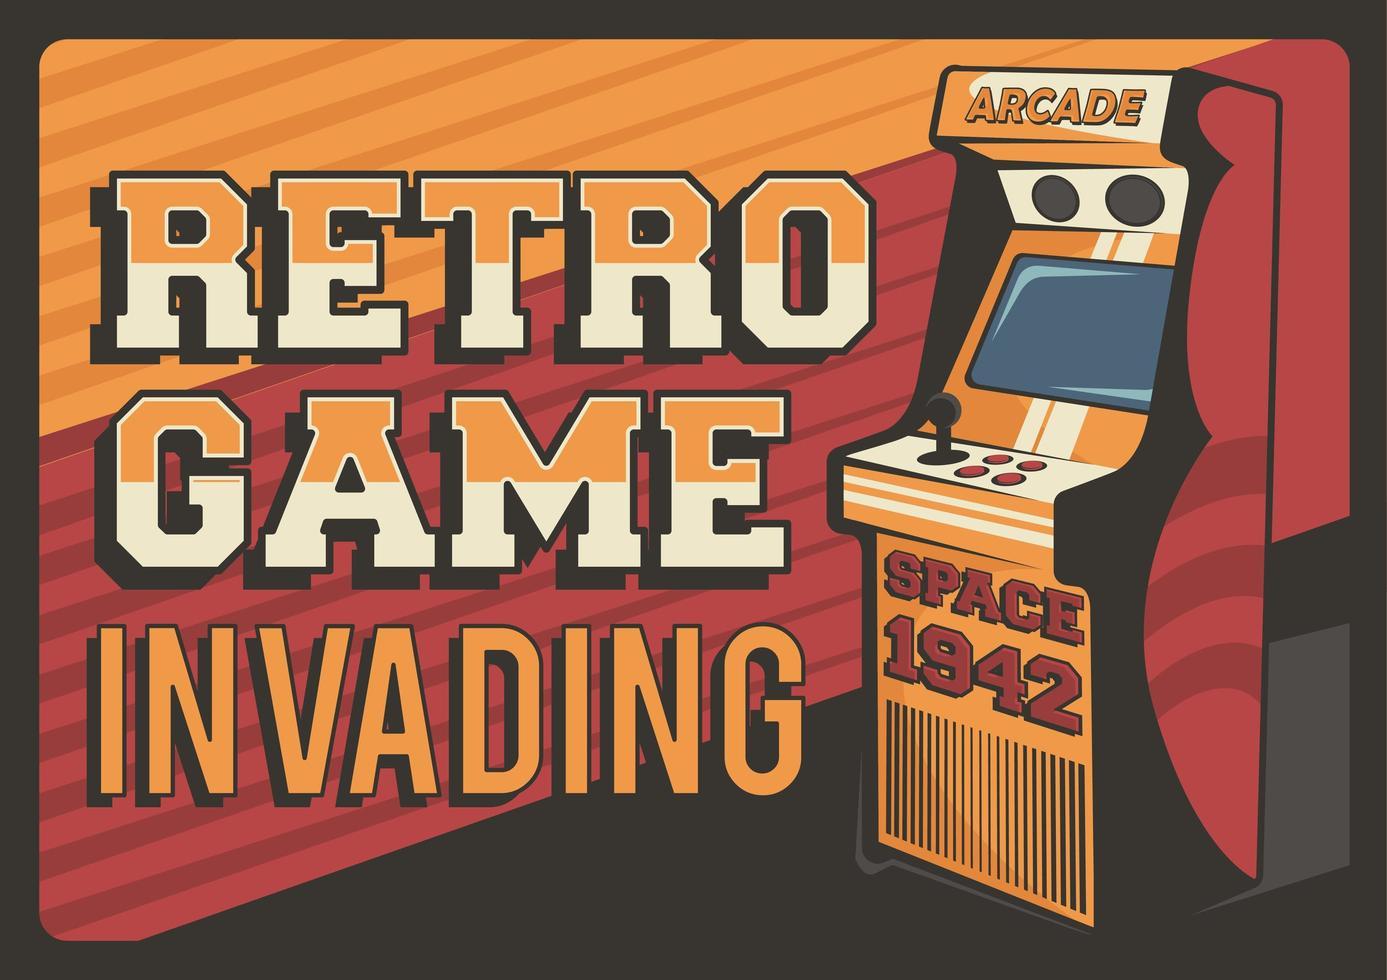 retro game binnenvallende poster vector